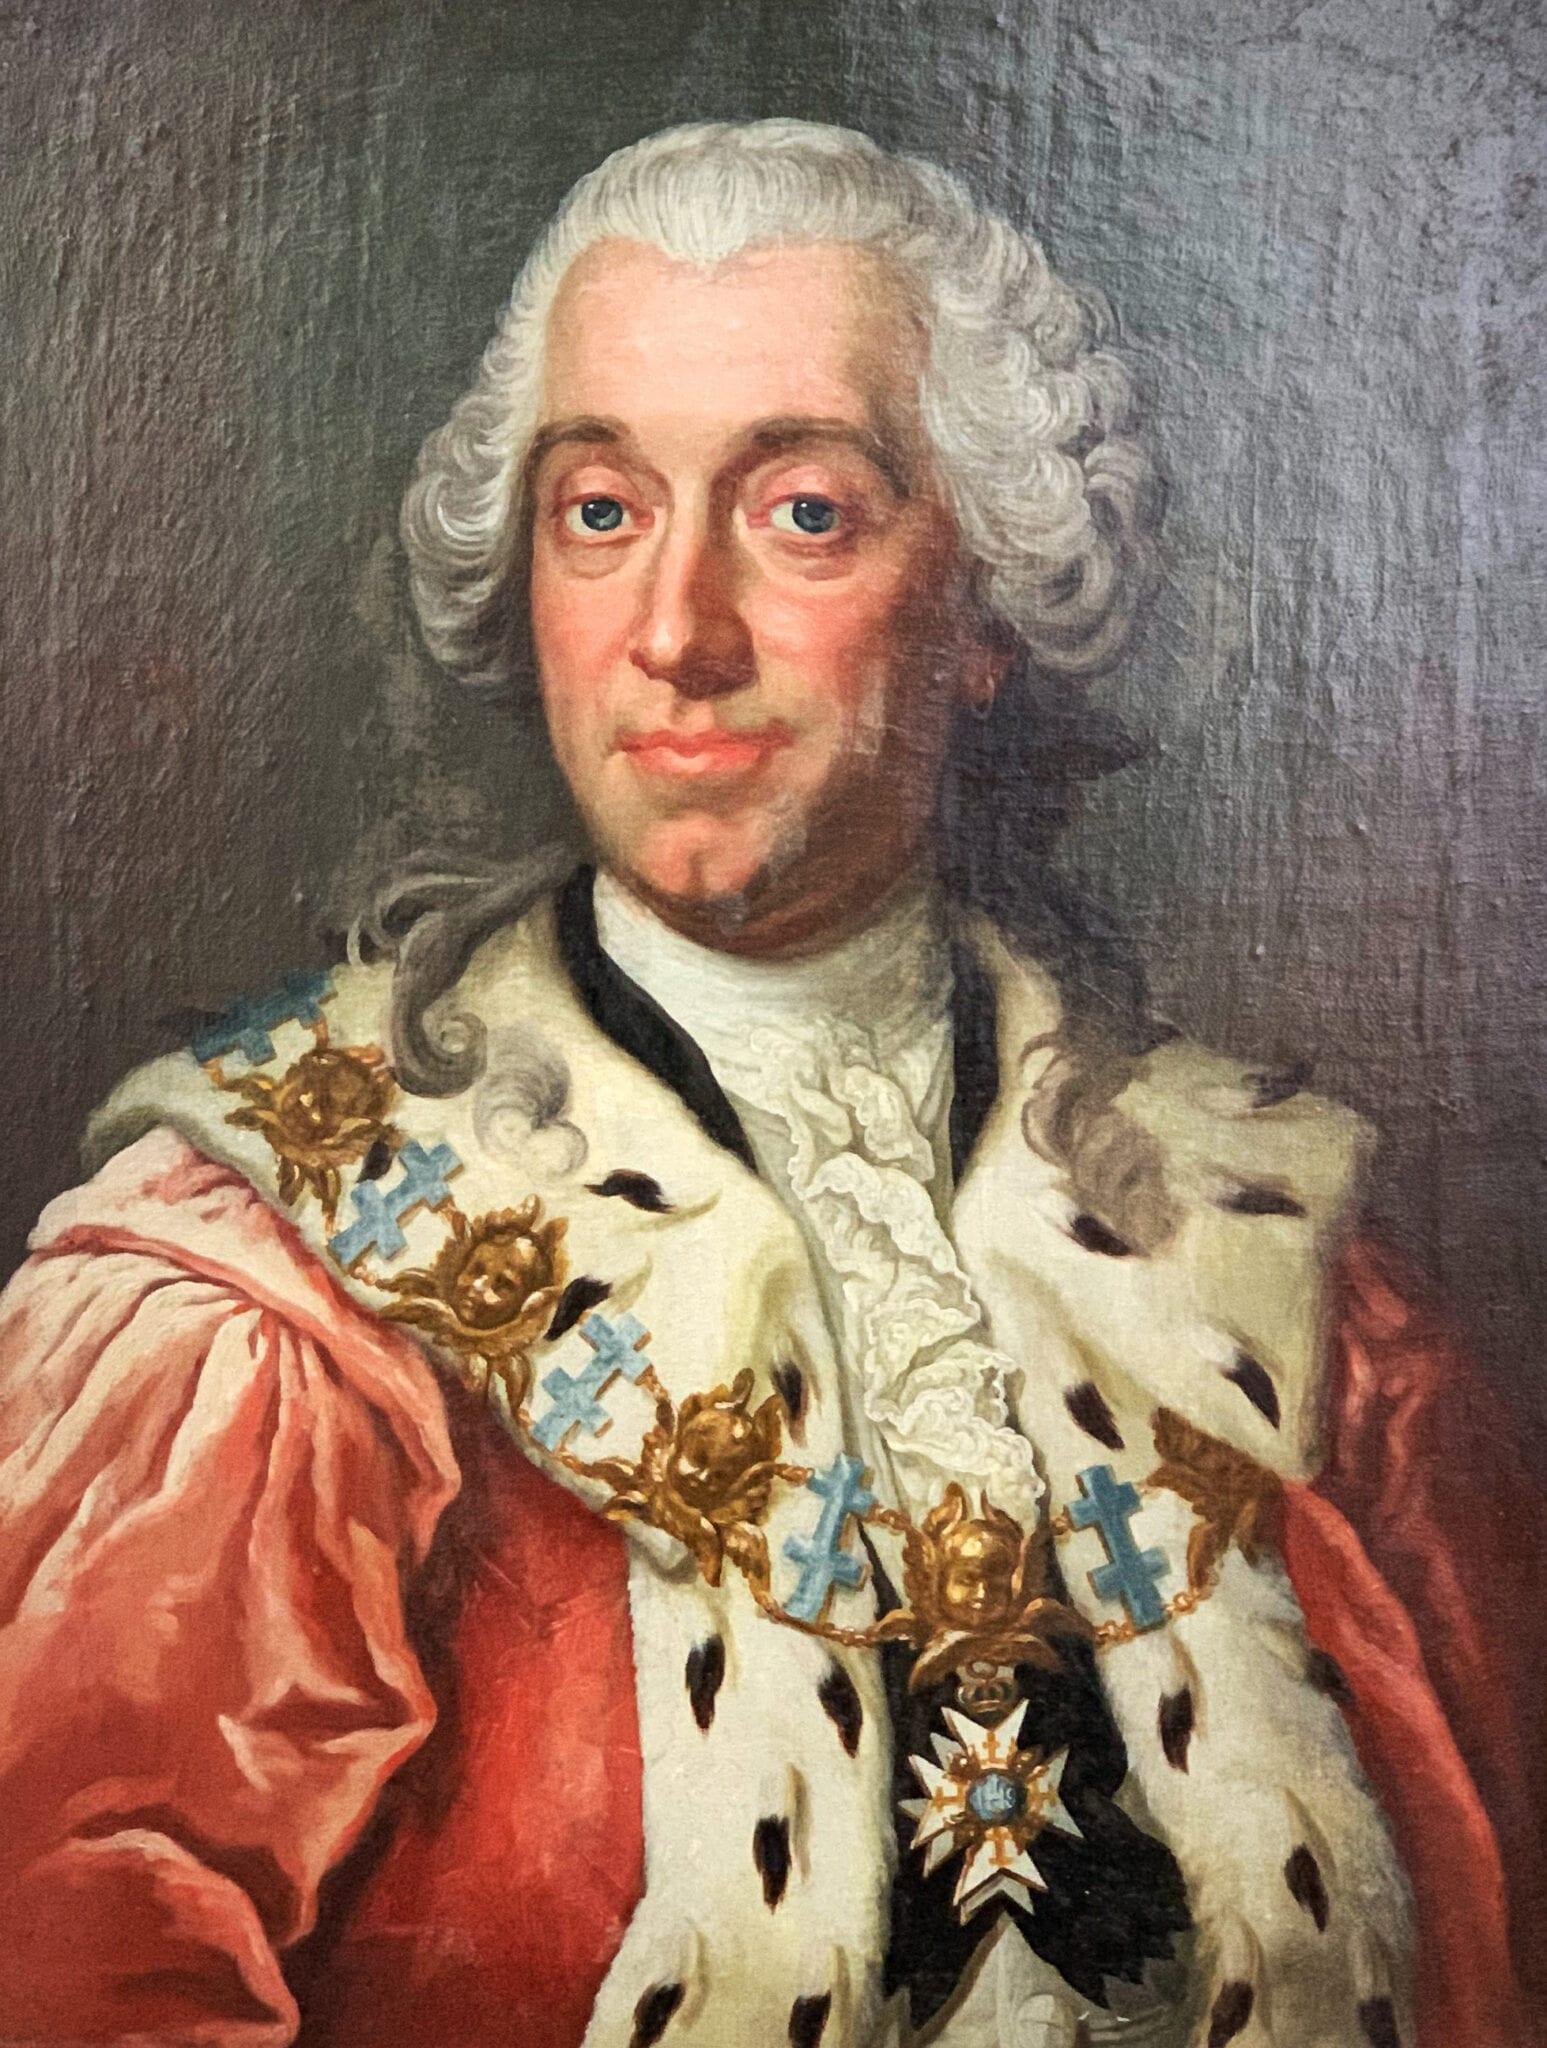 Claes Ekeblad